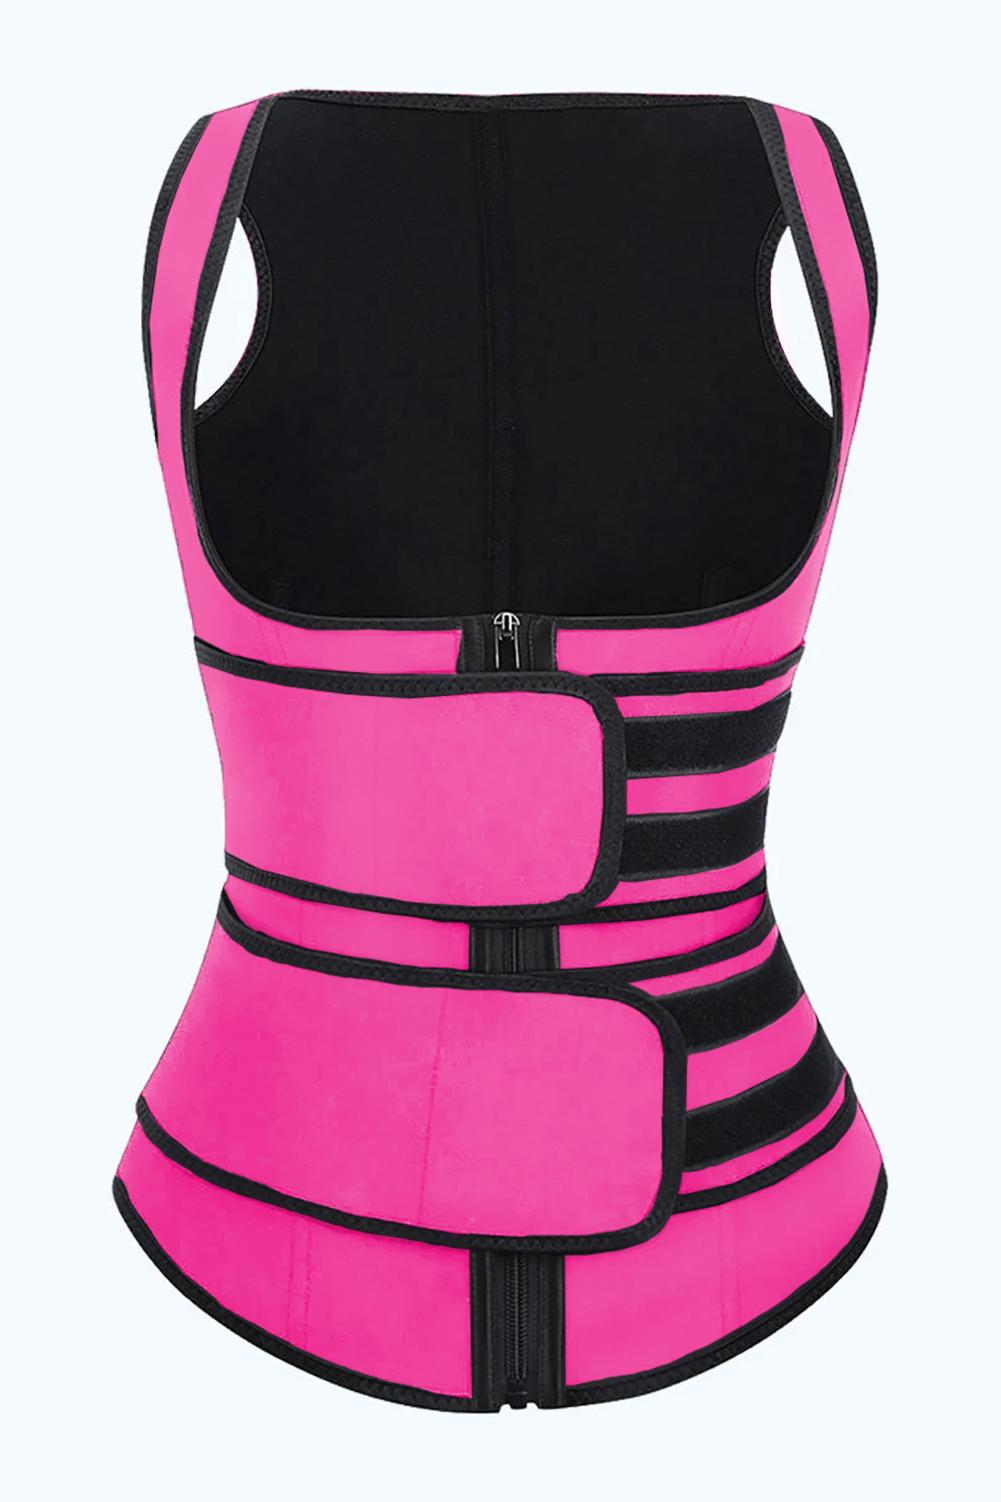 玫红色氯丁橡胶塑腰拉链设计背心款塑身衣 LC51074